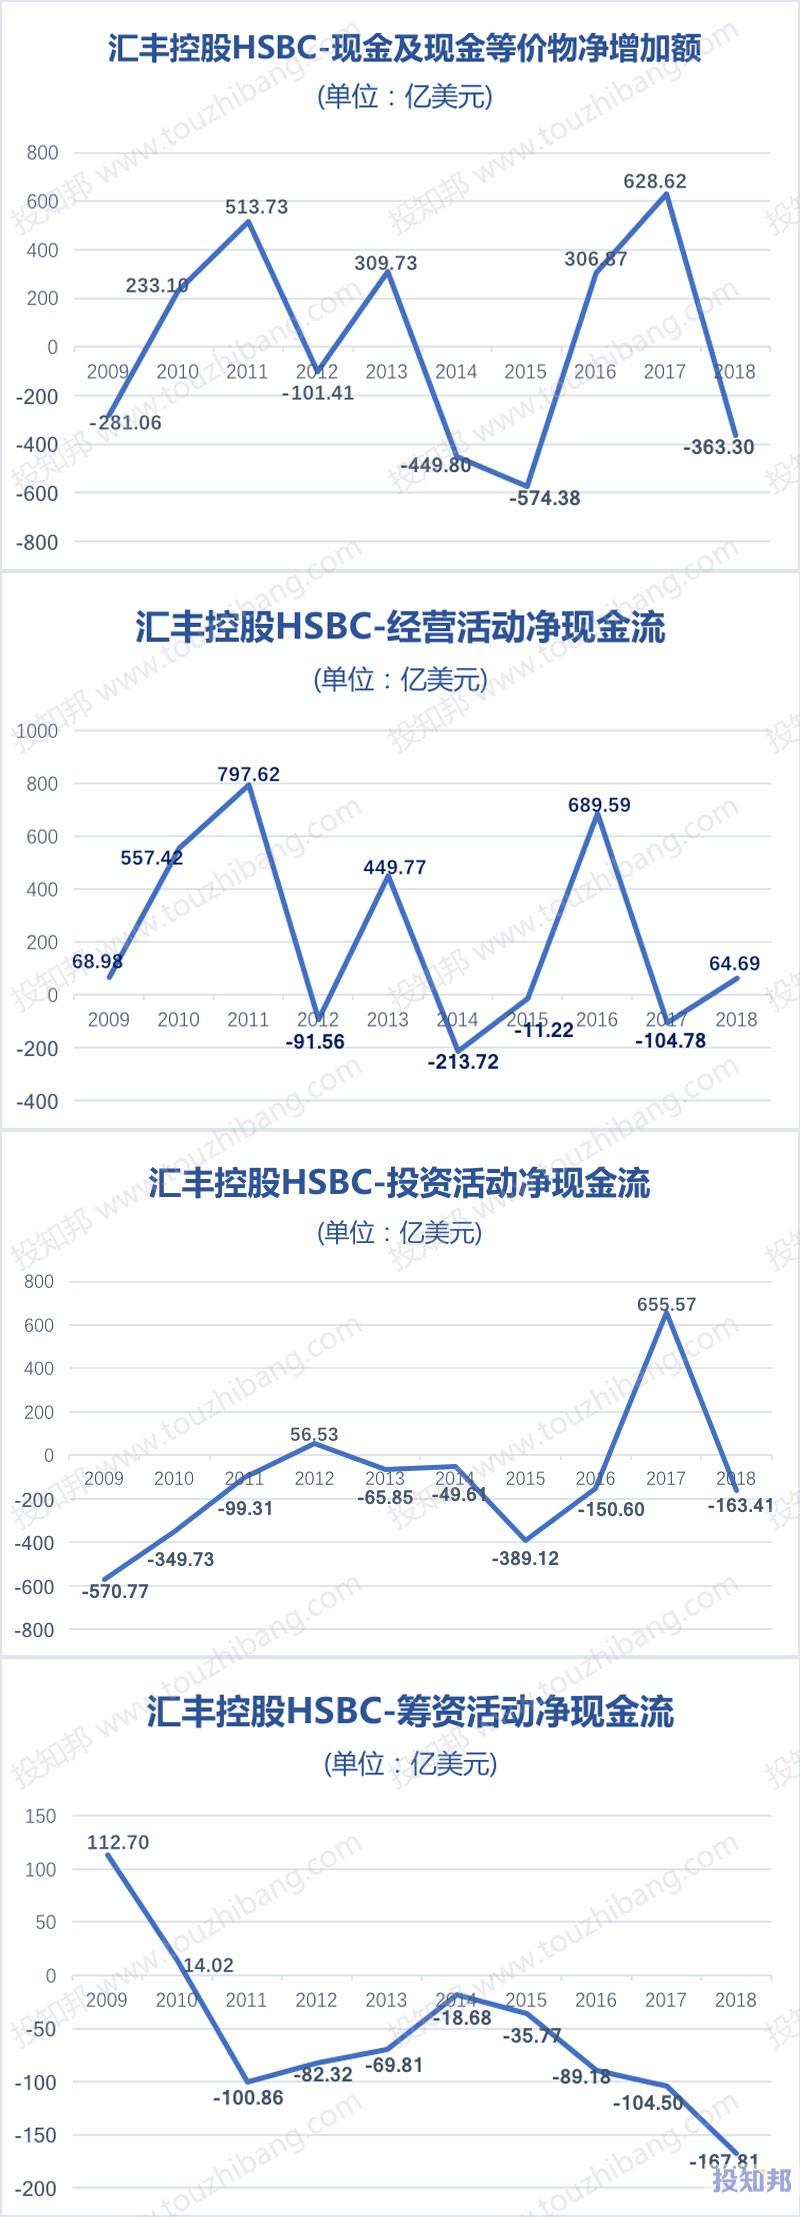 图解汇丰控股(HSBC)财报数据(2009年~2019年Q3)